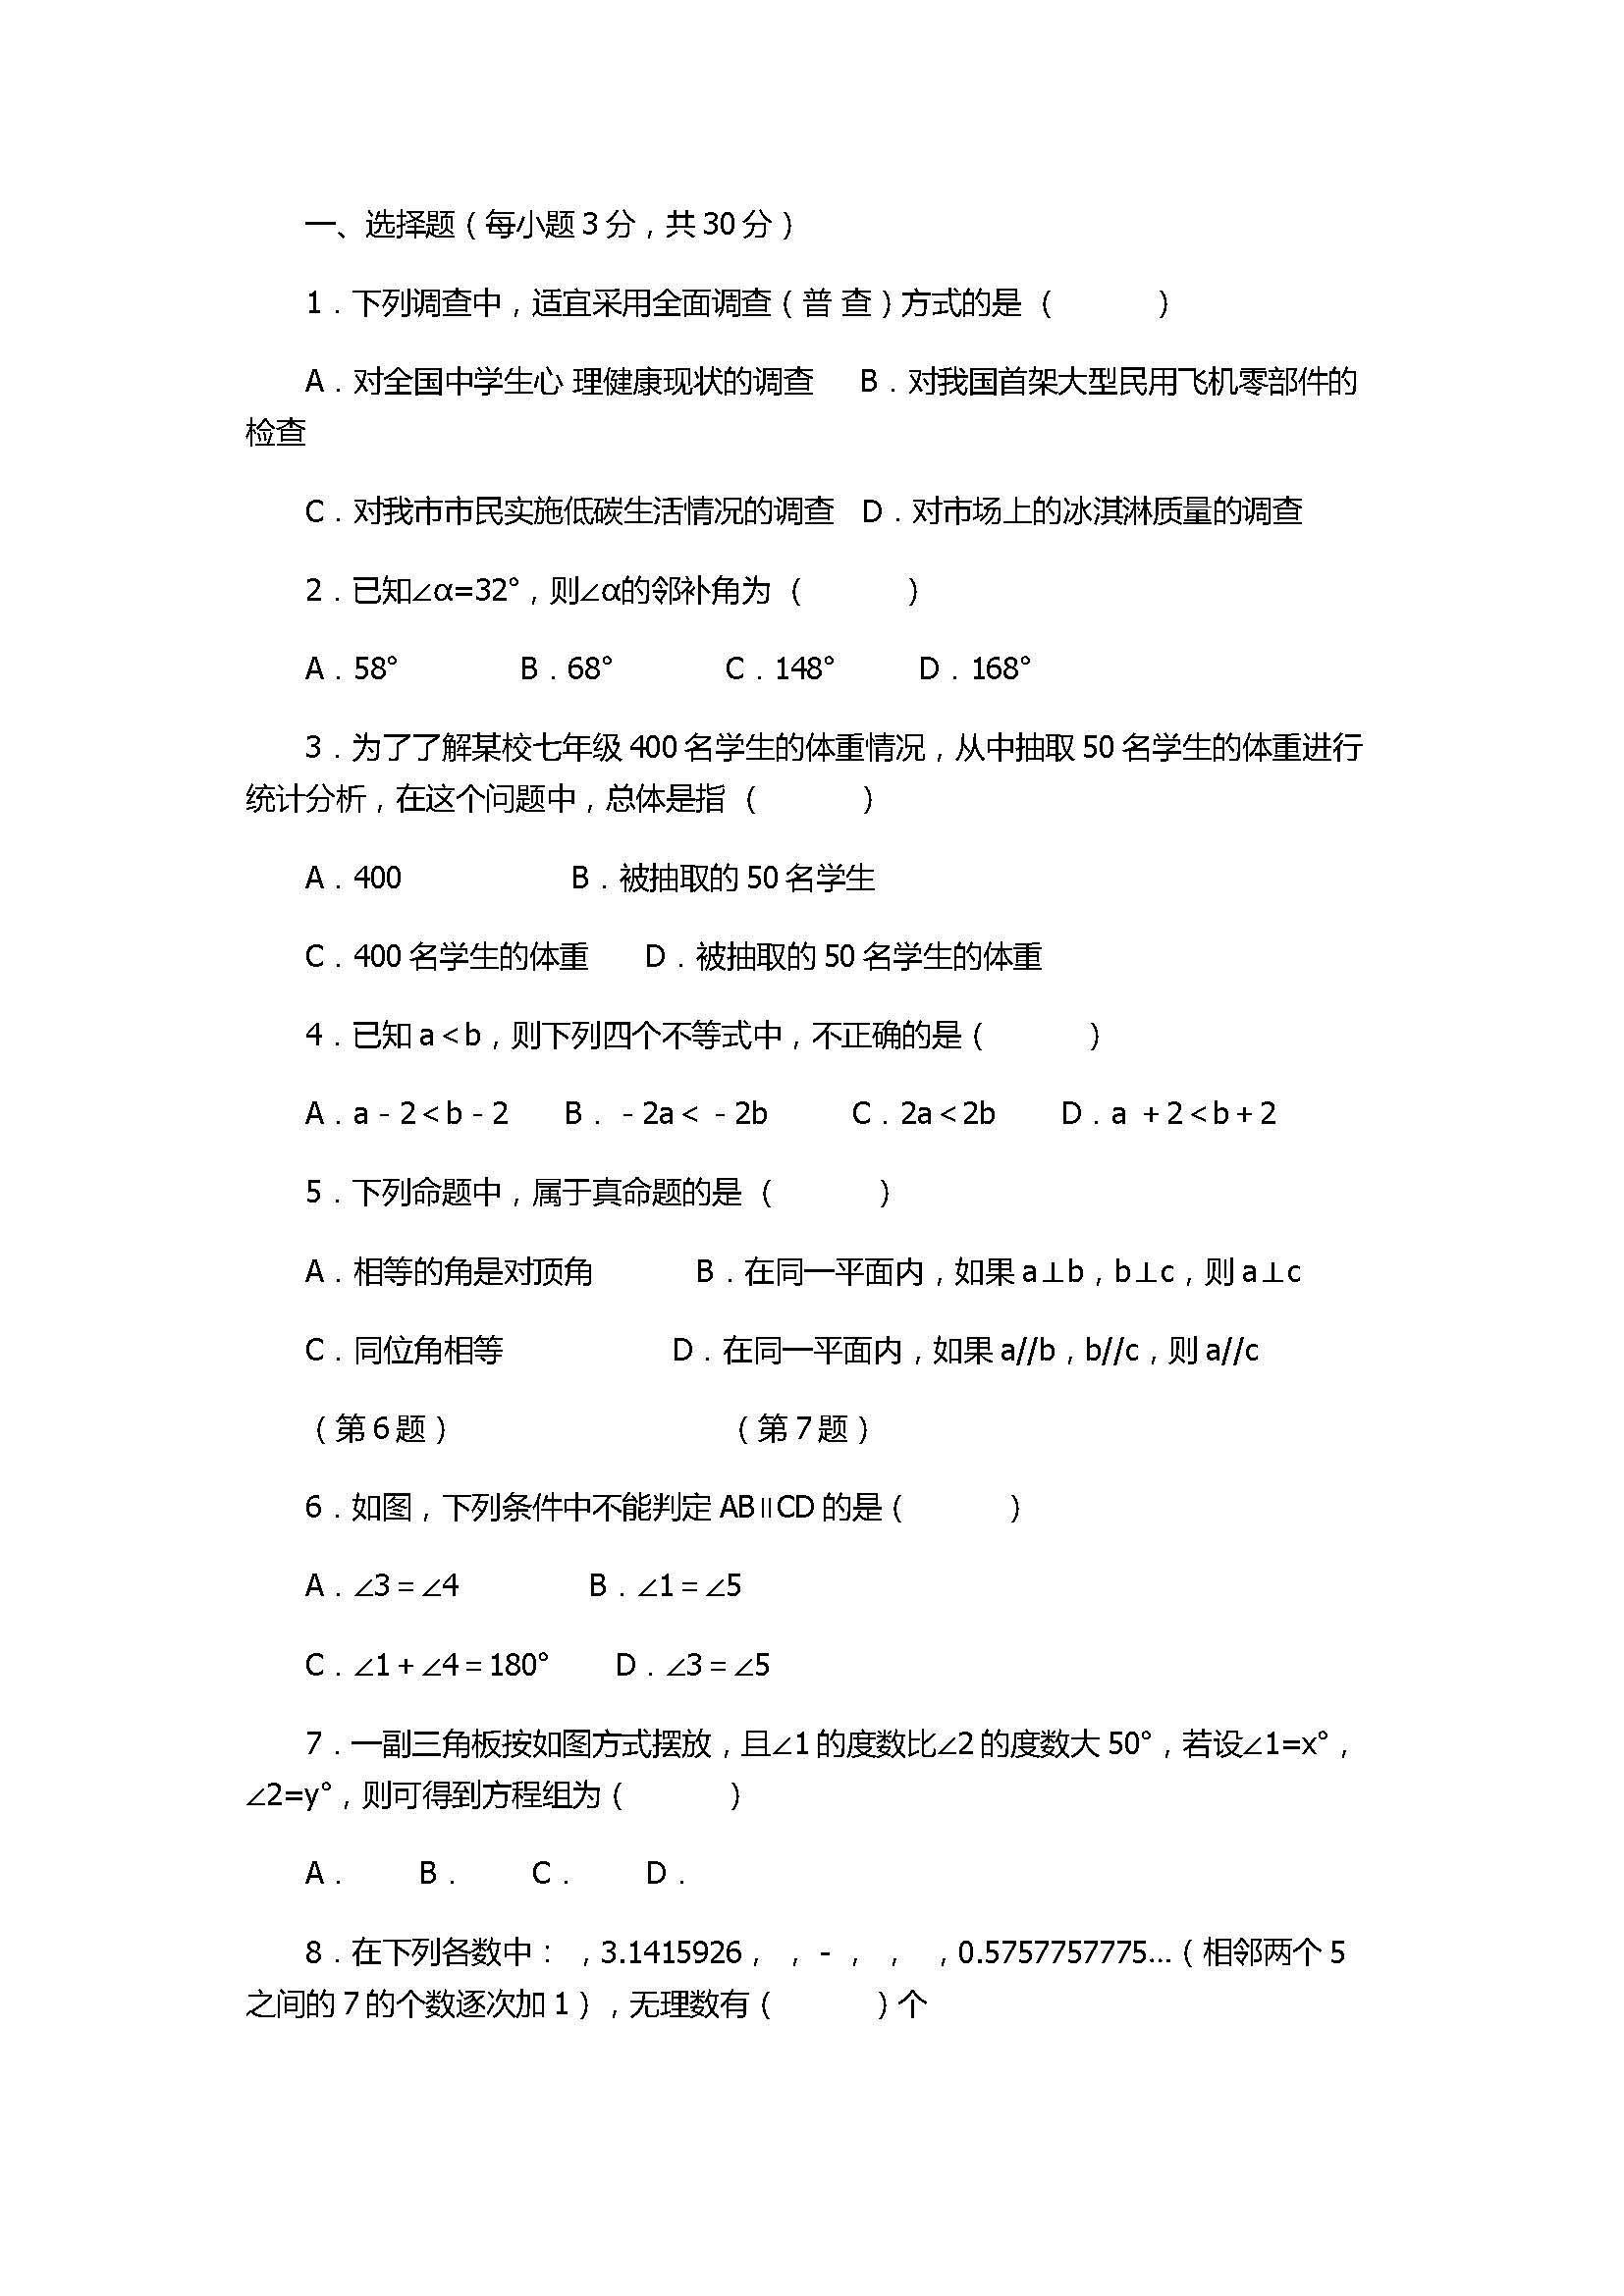 2017七年级英语期末试题及参考答案(夏津县)